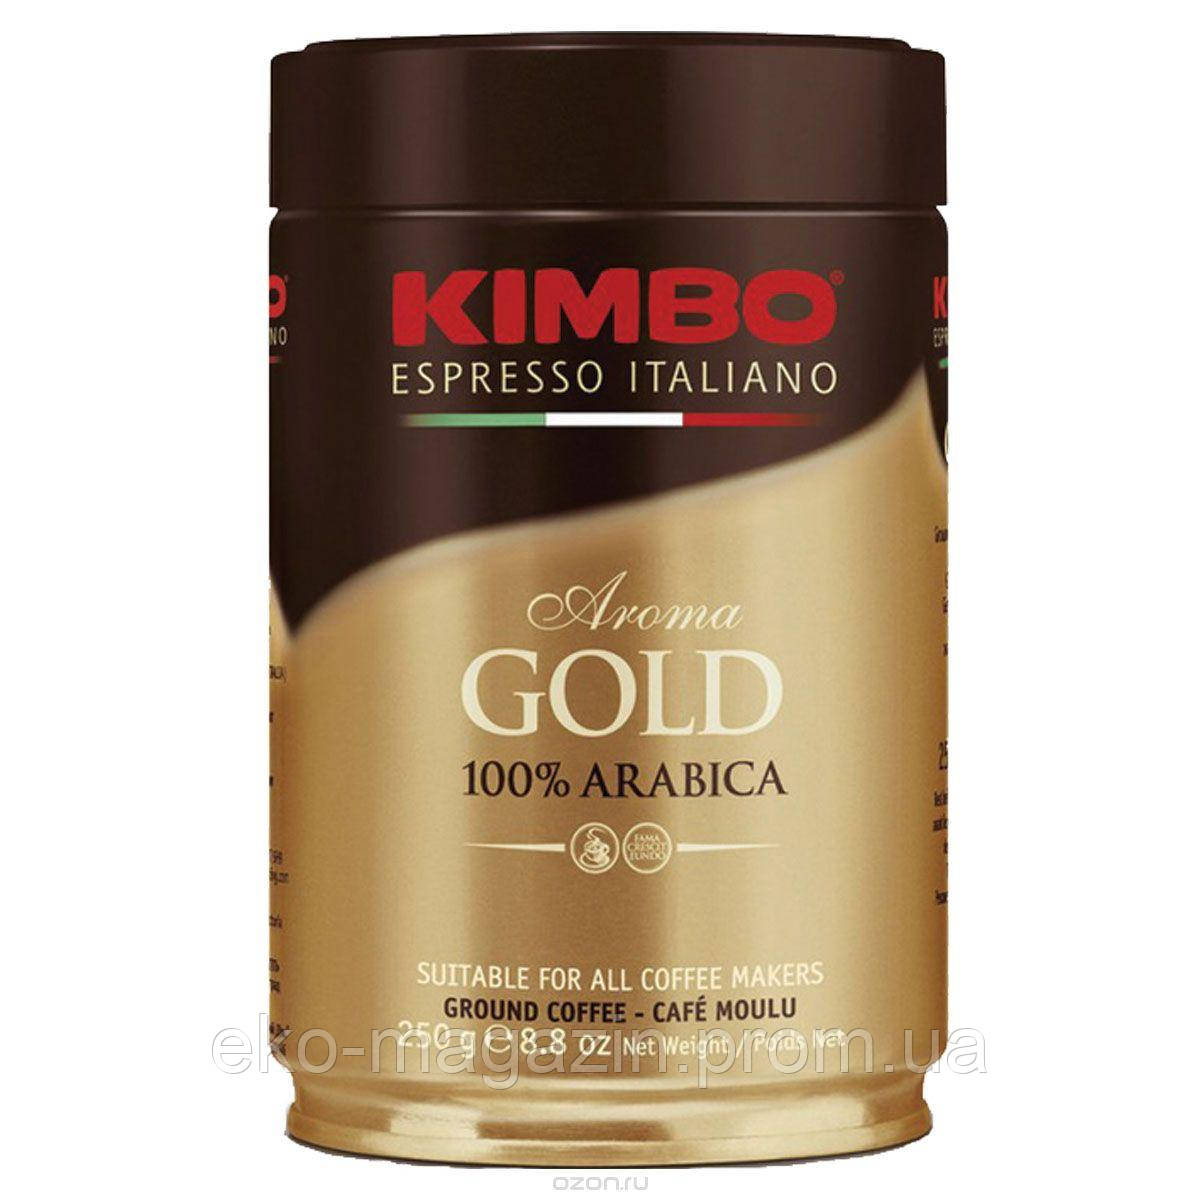 Кофе КIMBO Арома Голд